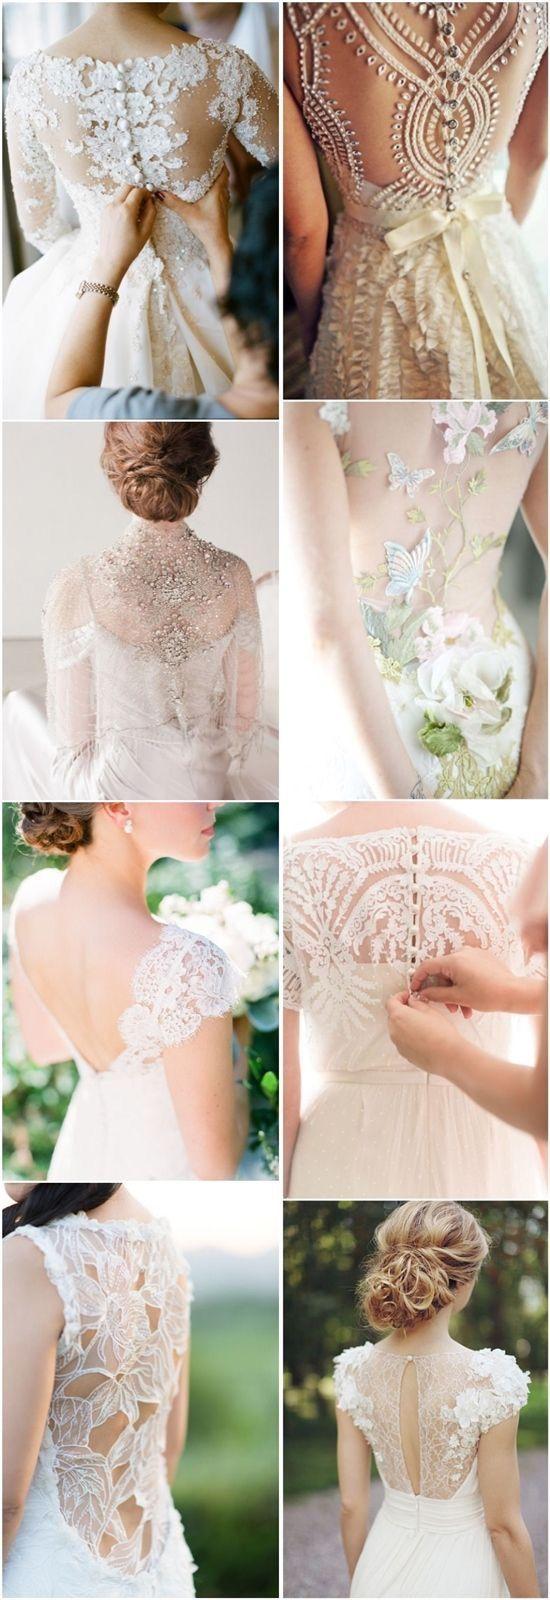 Ideas for lace draped porcelain